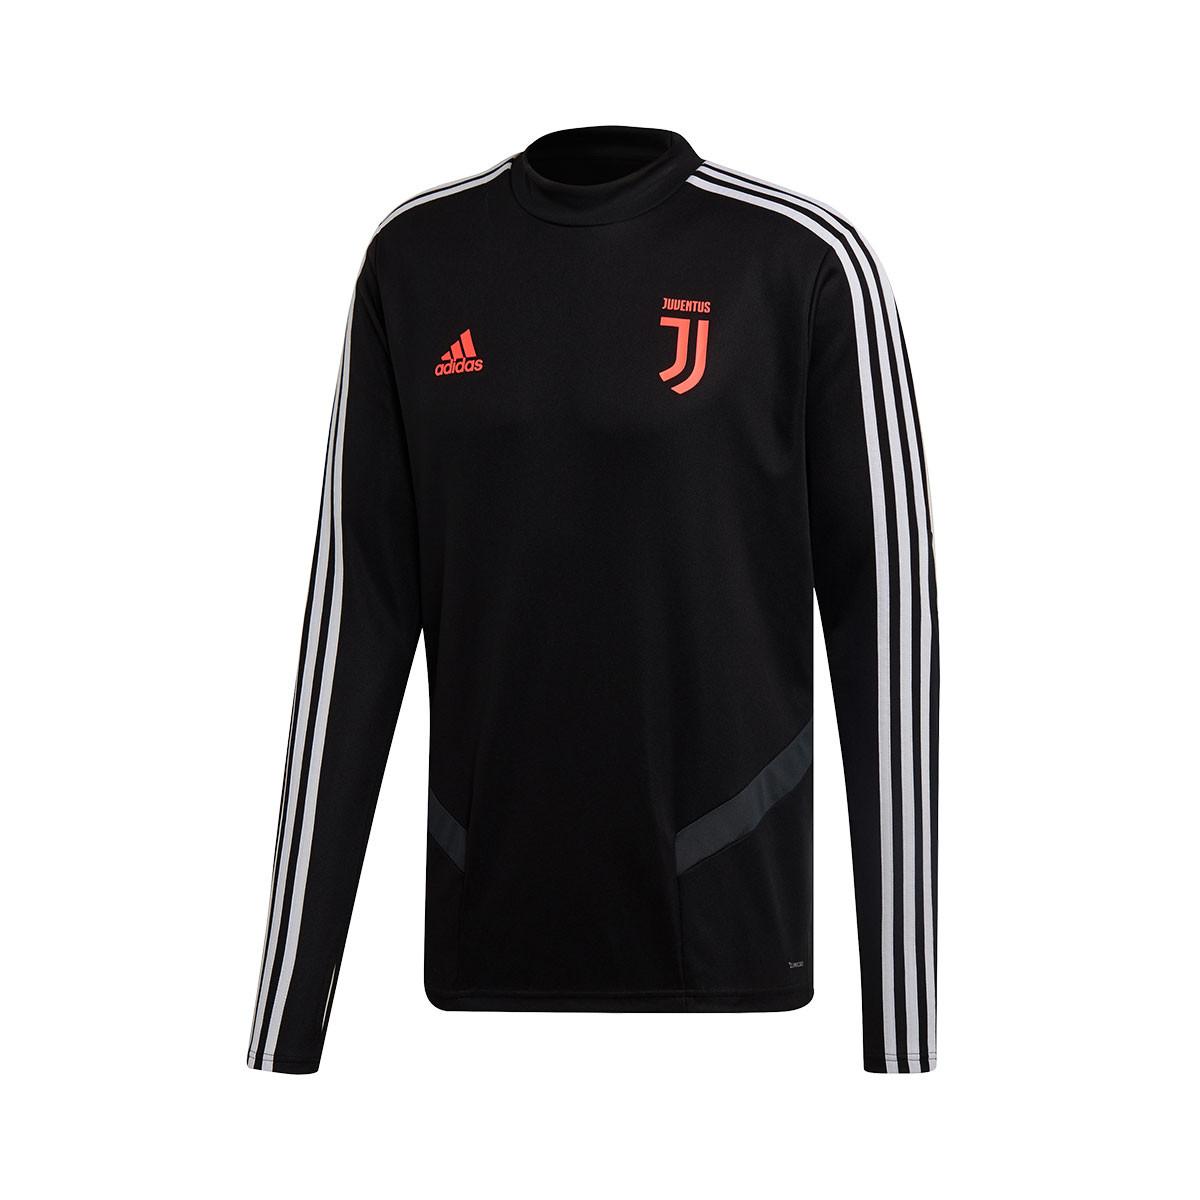 Sucio Cooperativa Sur oeste  Sudadera adidas Juventus Training Top 2019-2020 Black-Dark grey - Tienda de  fútbol Fútbol Emotion